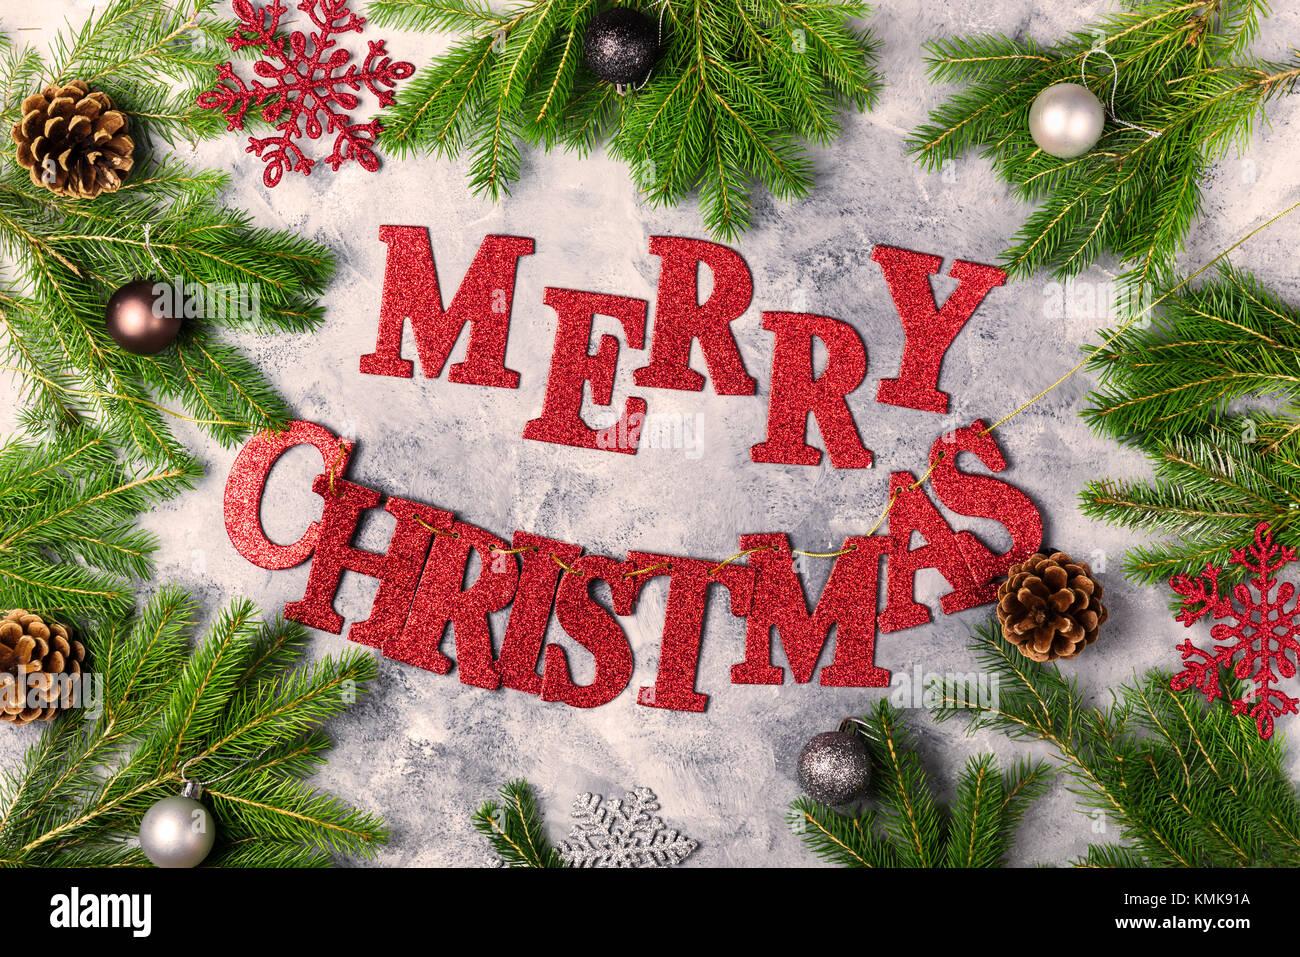 Weihnachten Rahmen aus Xmas Tree Branches, Christbaumkugeln, und ...